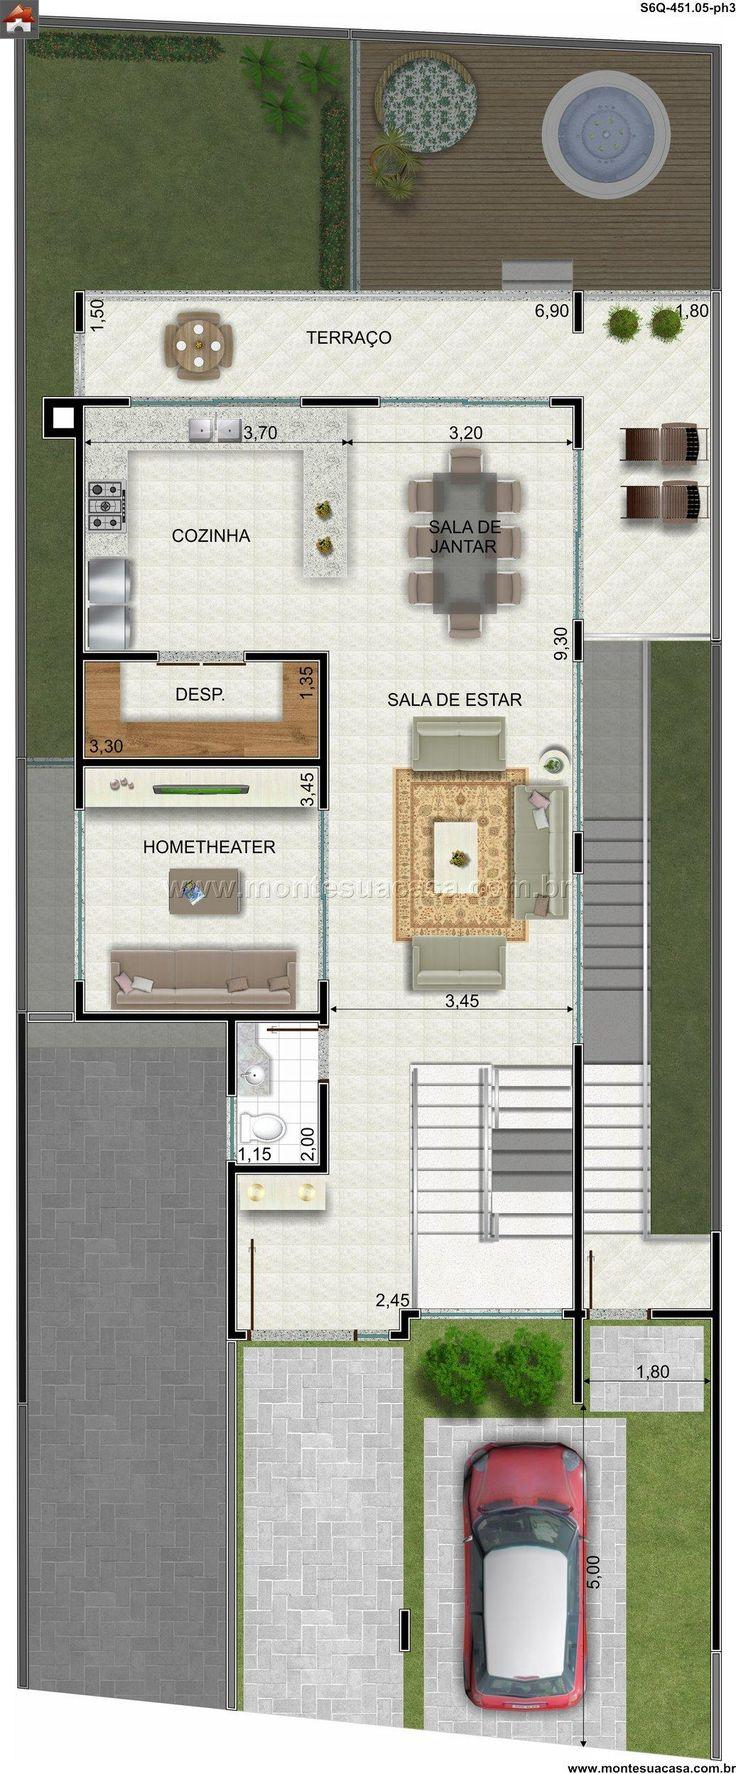 Pinterest: @claudiagabg | Casa 4 pisos 3 cuartos 1 sala de tv 1 estudio despensa jacuzzi y Apartamento en alquiler 3 cuartos despensa / planta 3